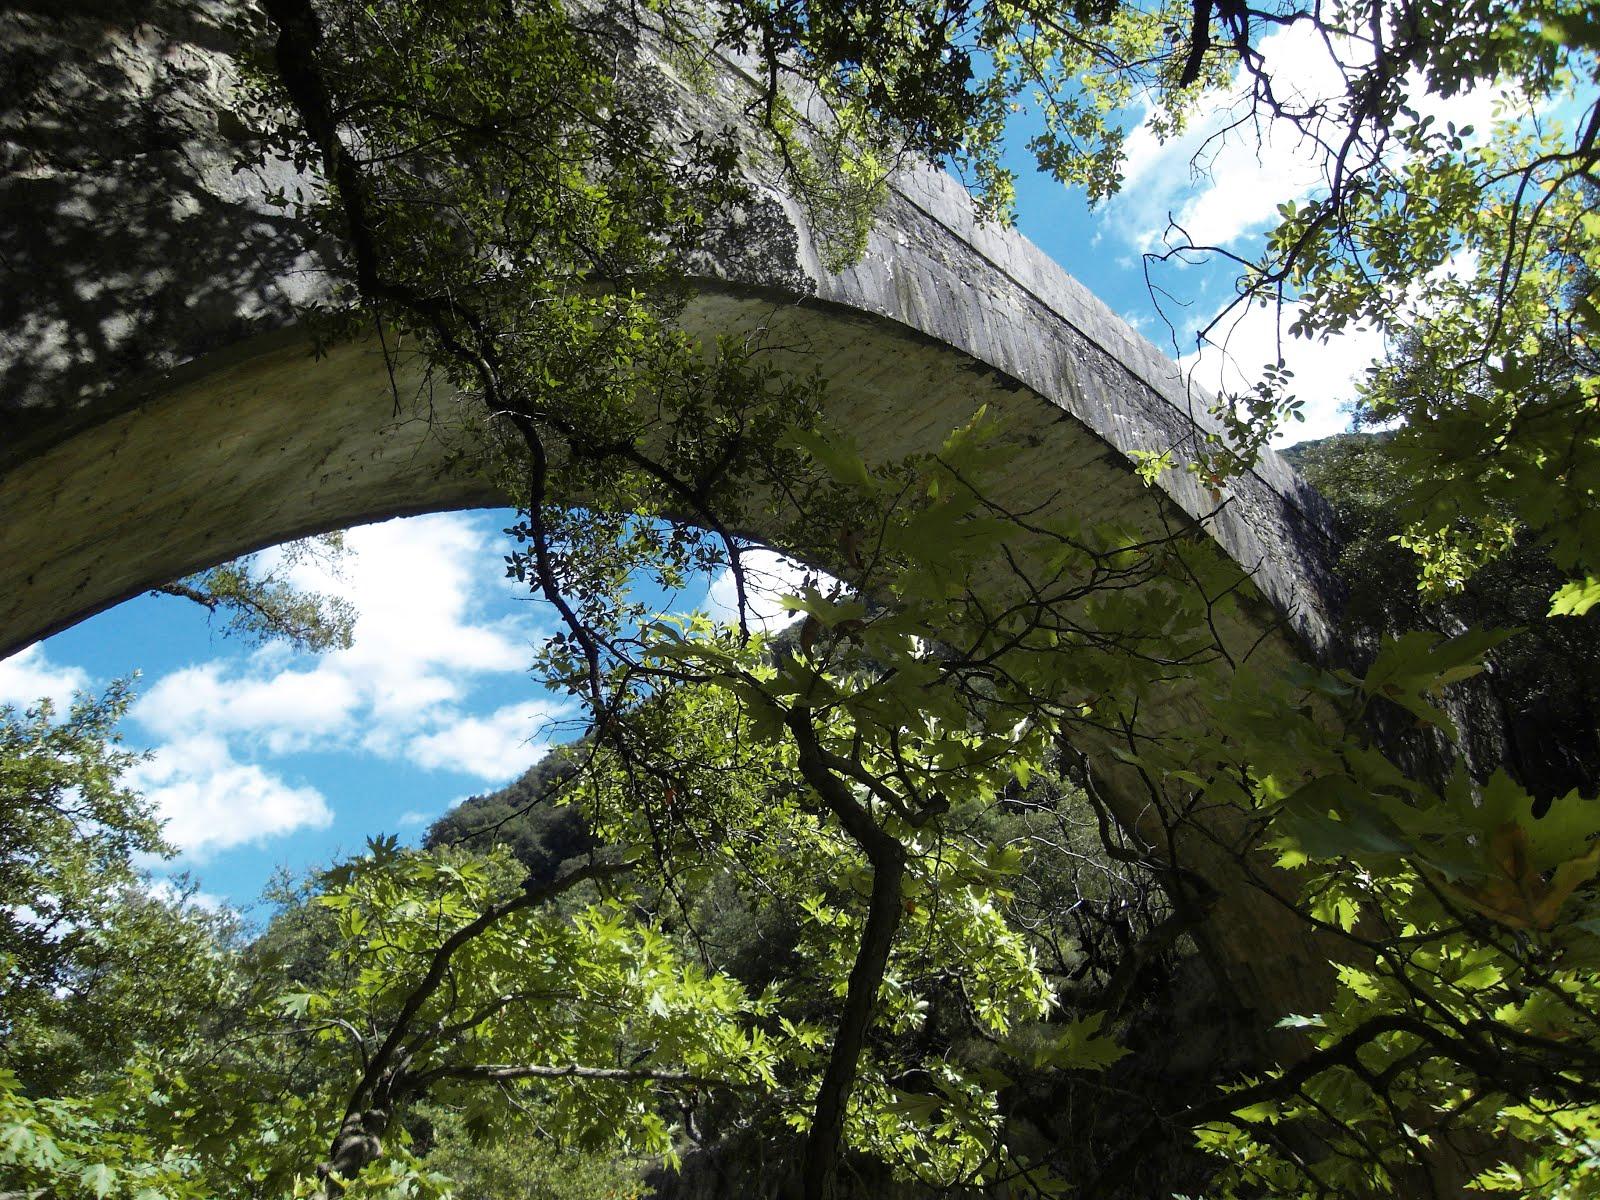 """Γεφύρι στη θέση """"Δομοκός"""" ή Βιδιακίτικο γεφύρι στον Ερύμανθο. Ιστορία-πρωτομάστορες-χτίσιμο"""